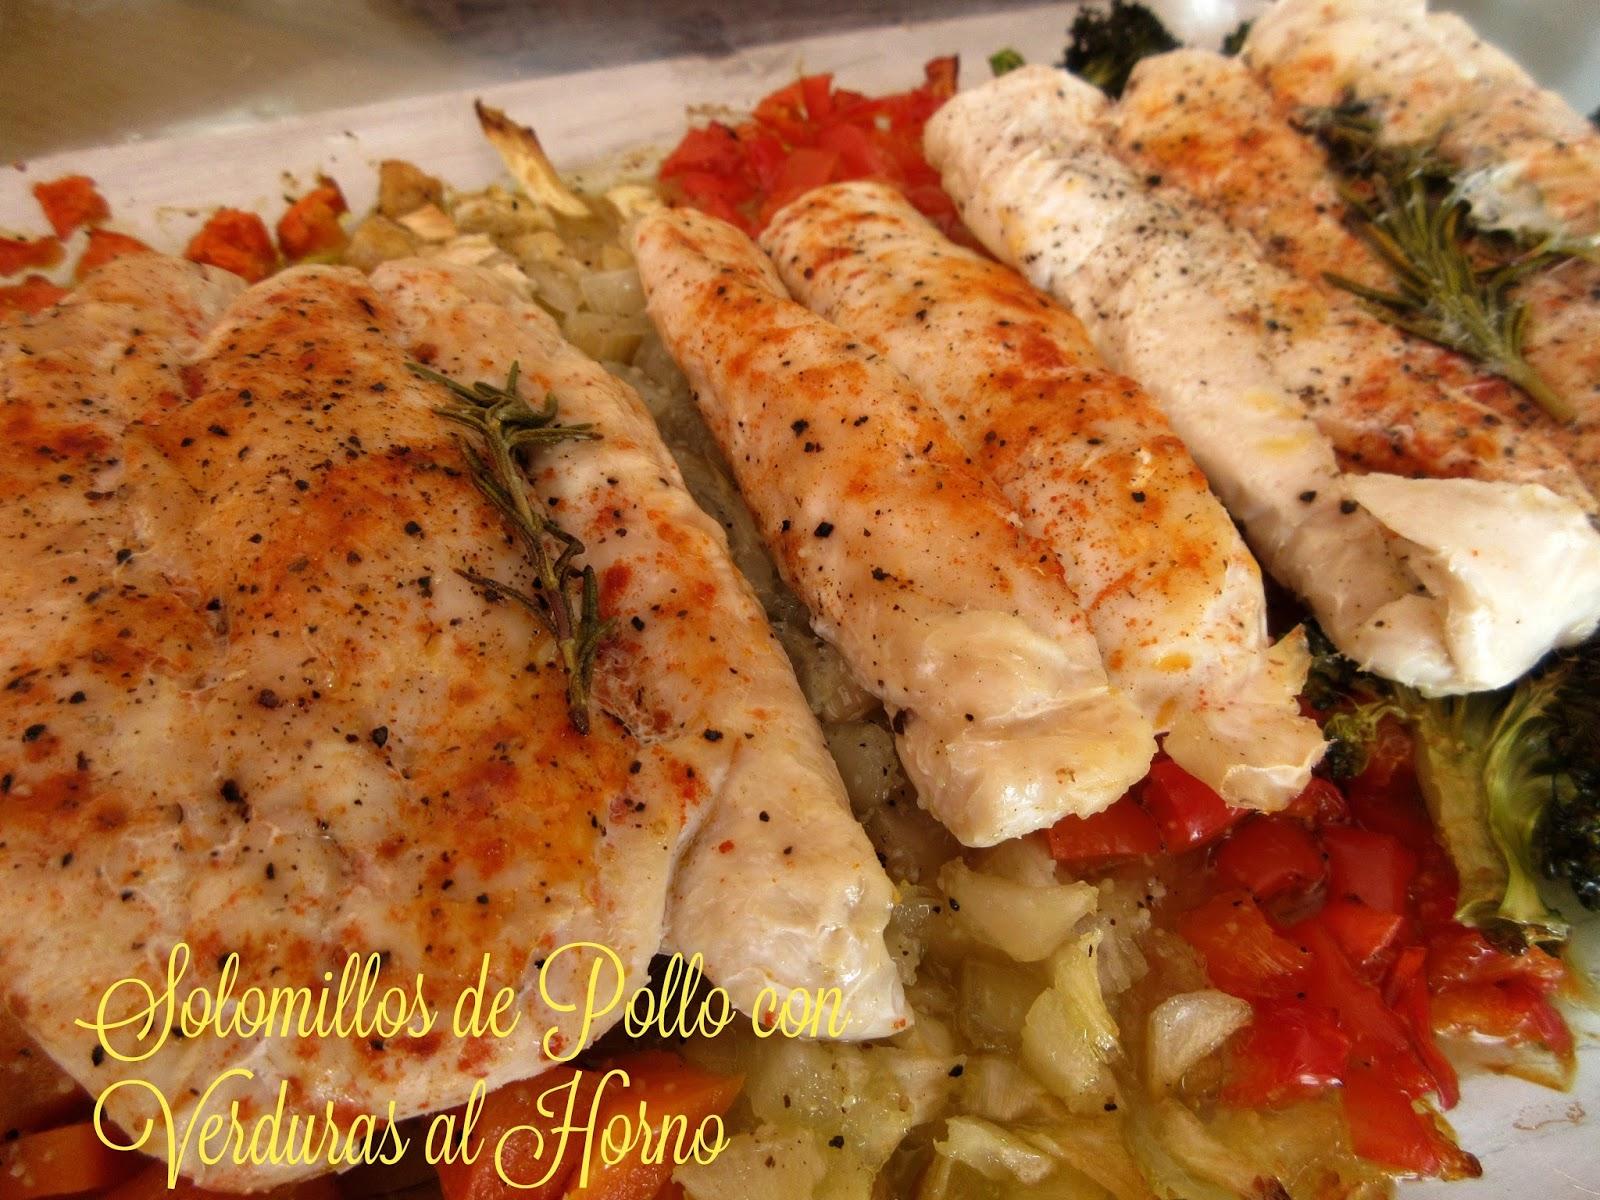 Solomillos de pollo al horno con verduras cocina con reina - Cocinar verduras al horno ...